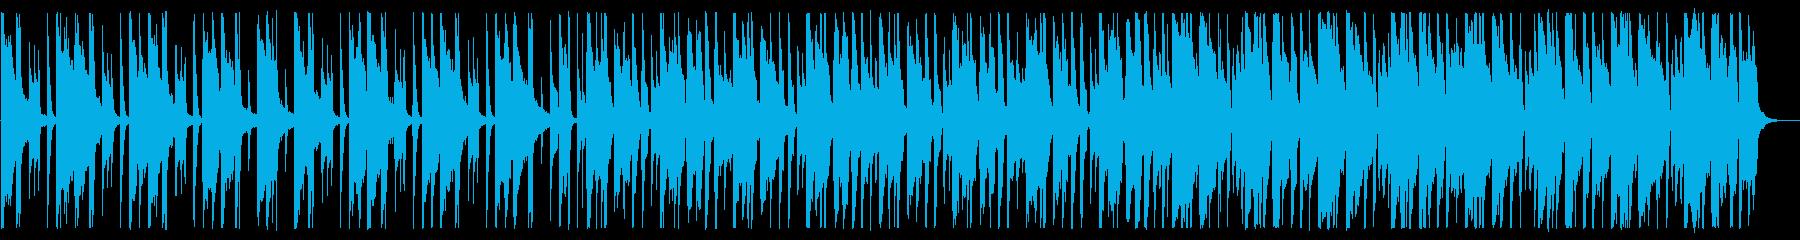 アーバン/都会/R&B_No458_2の再生済みの波形